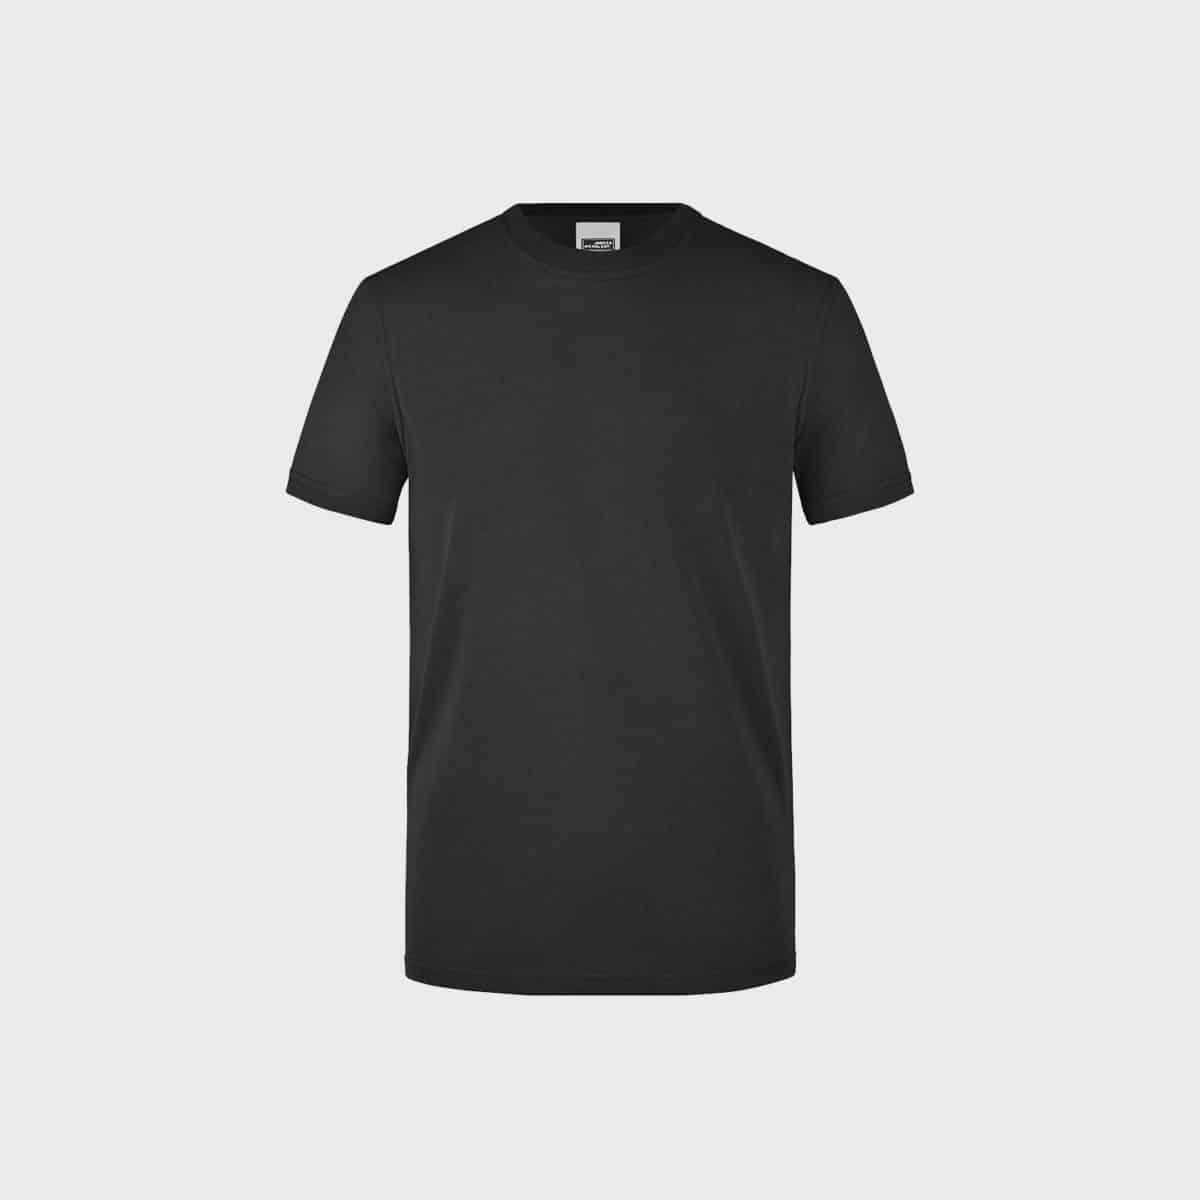 workwear-t-shirt-herren-black-kaufen-besticken_stickmanufaktur